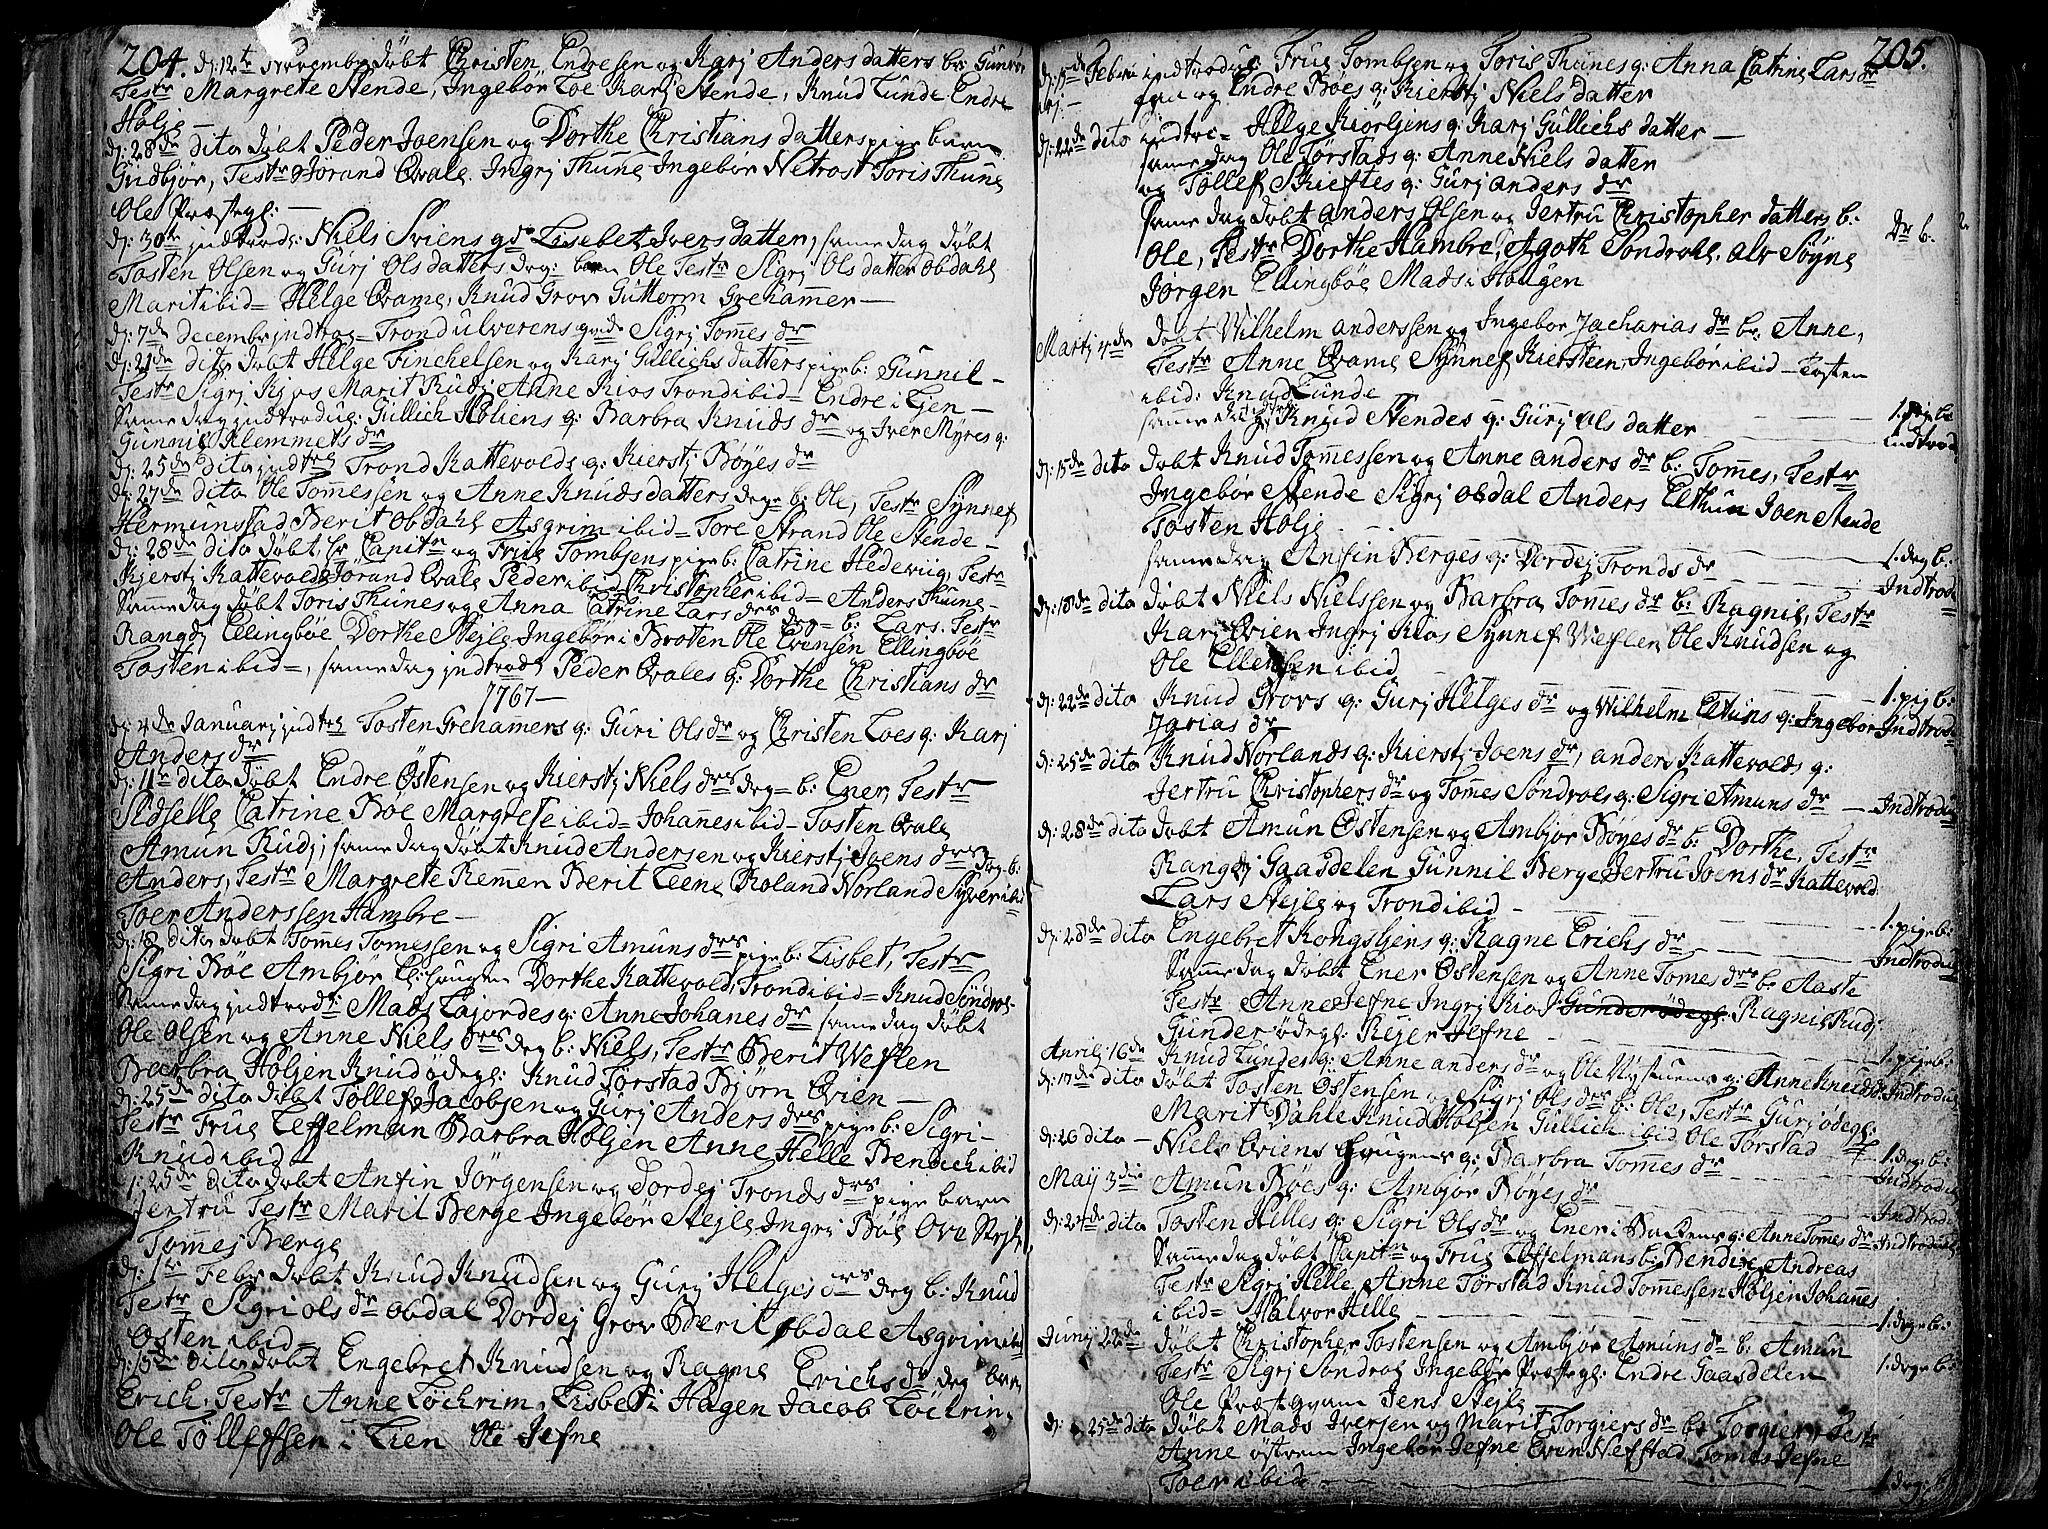 SAH, Vang prestekontor, Valdres, Ministerialbok nr. 1, 1730-1796, s. 204-205